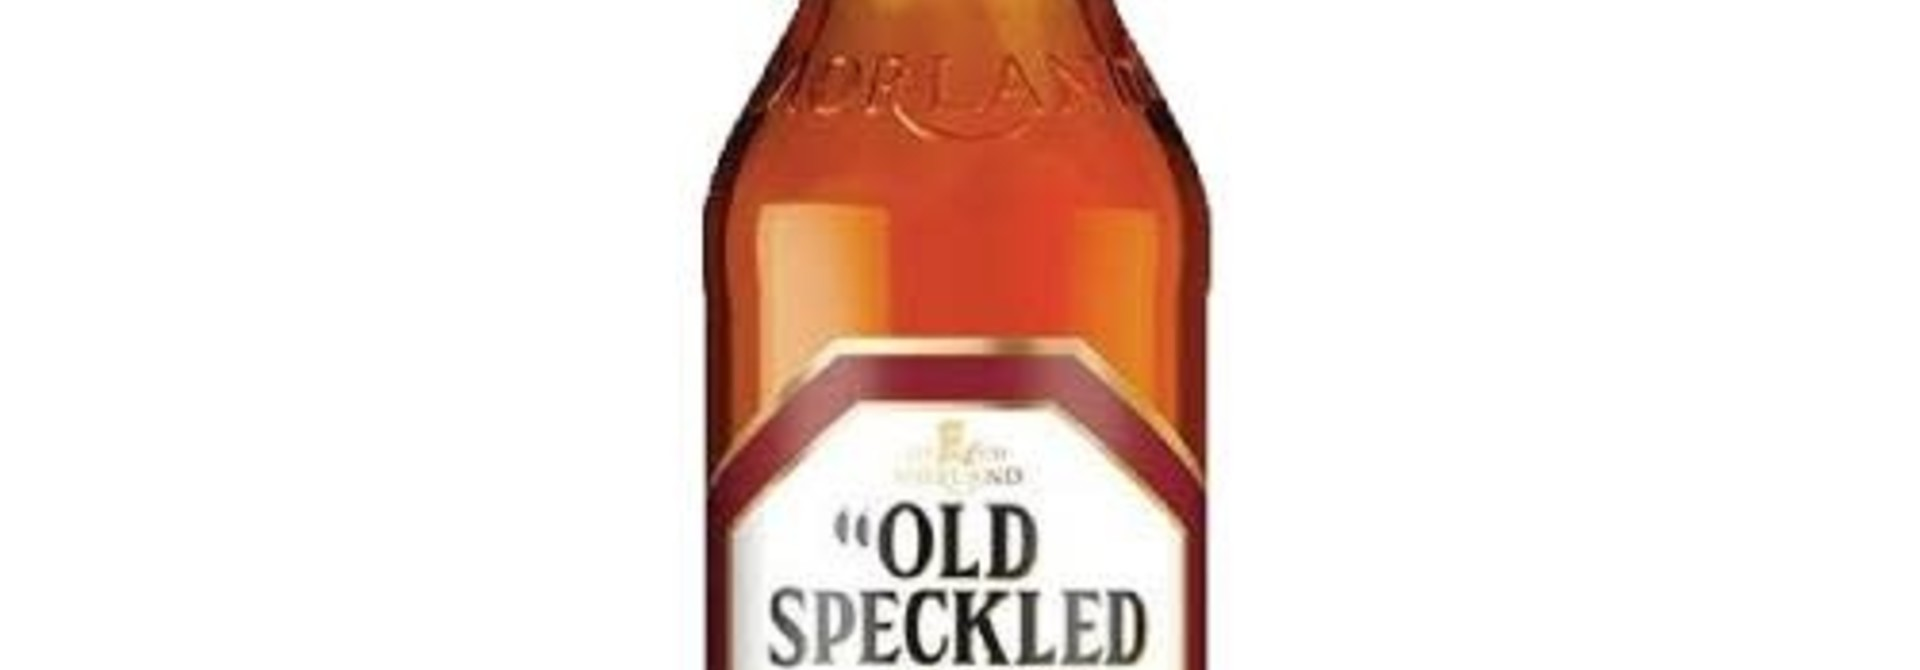 DISTINCTIVE OLD SPECKLED HEN 50CL